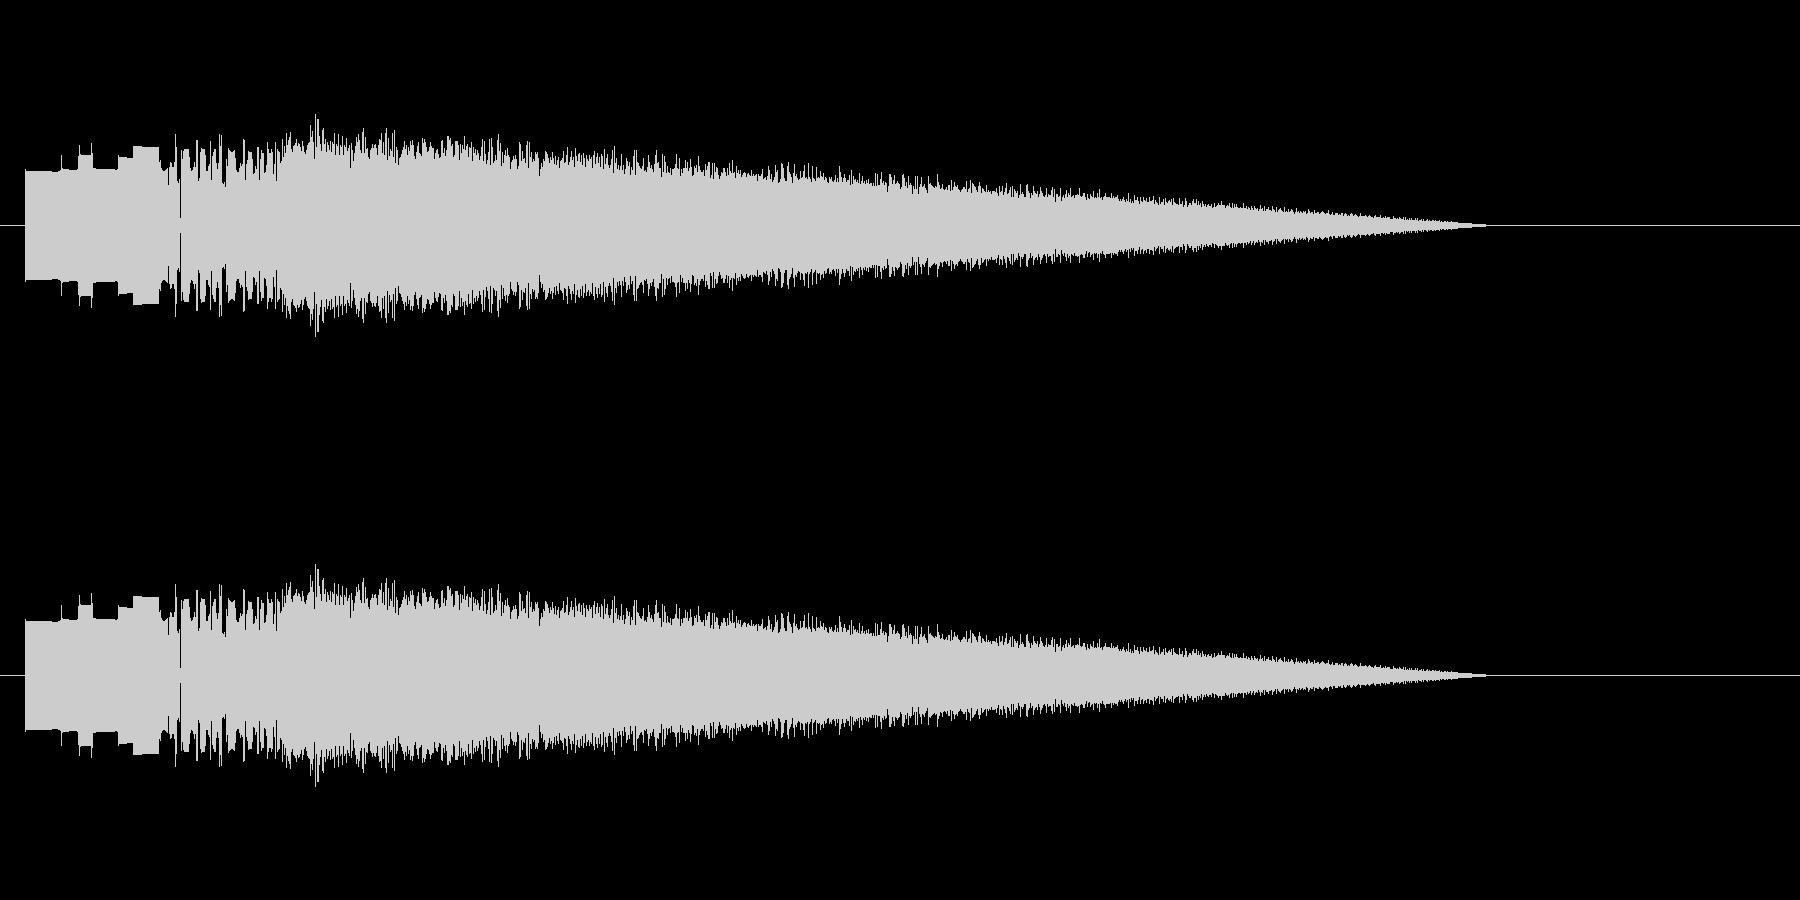 レトロゲーム風レーザーショット4の未再生の波形